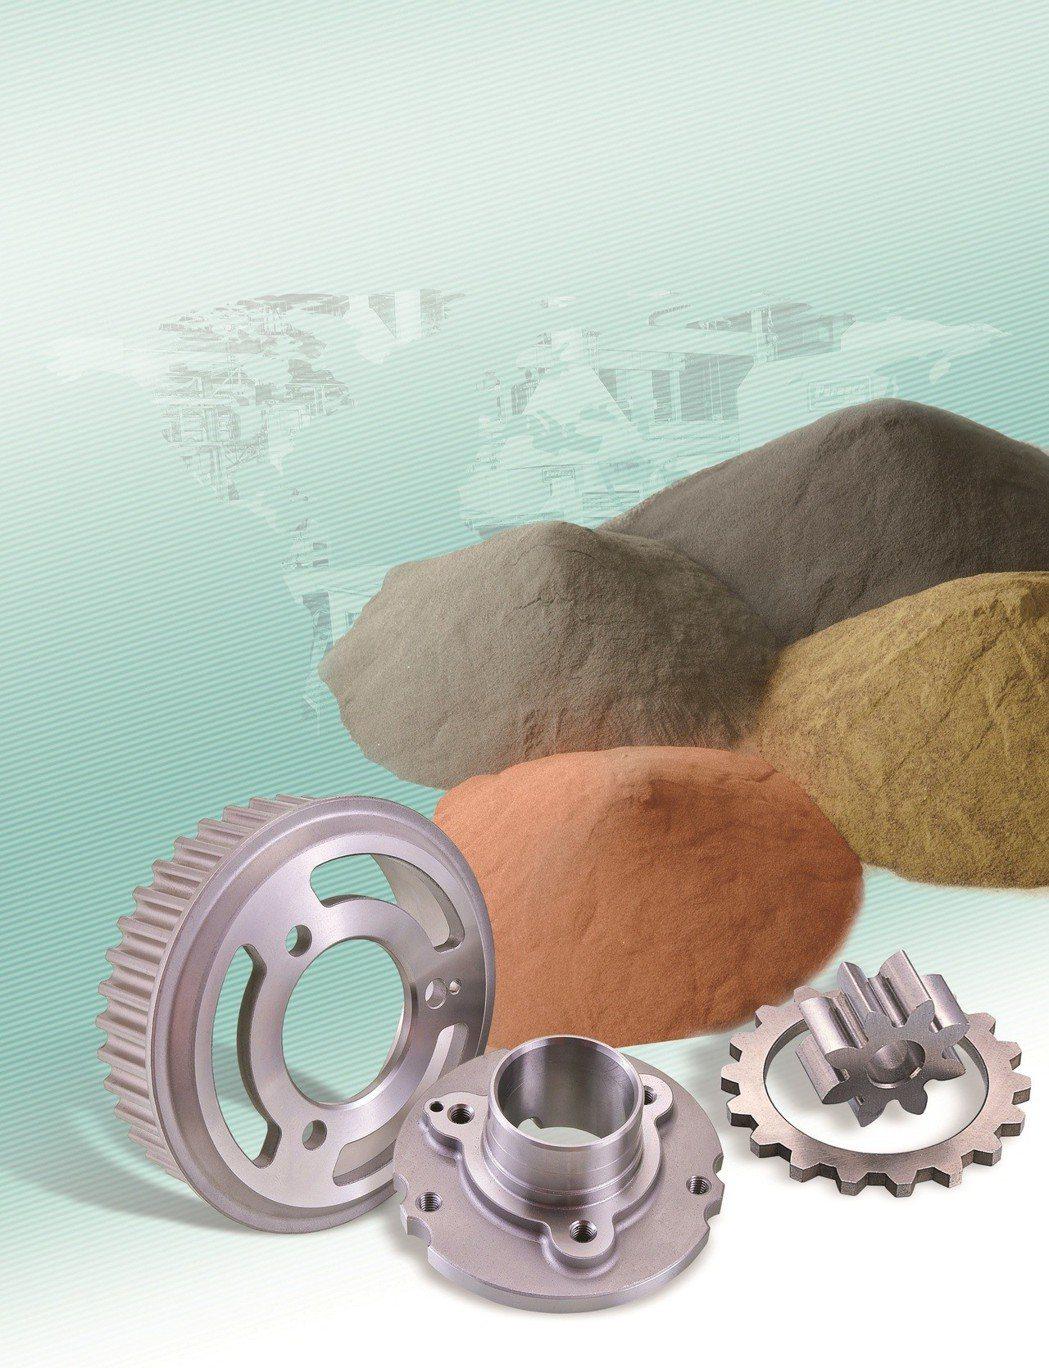 旭宏金屬粉末冶金製品成功跨入歐、美、日系車種車廠供應鏈體系。 旭宏金屬/提供